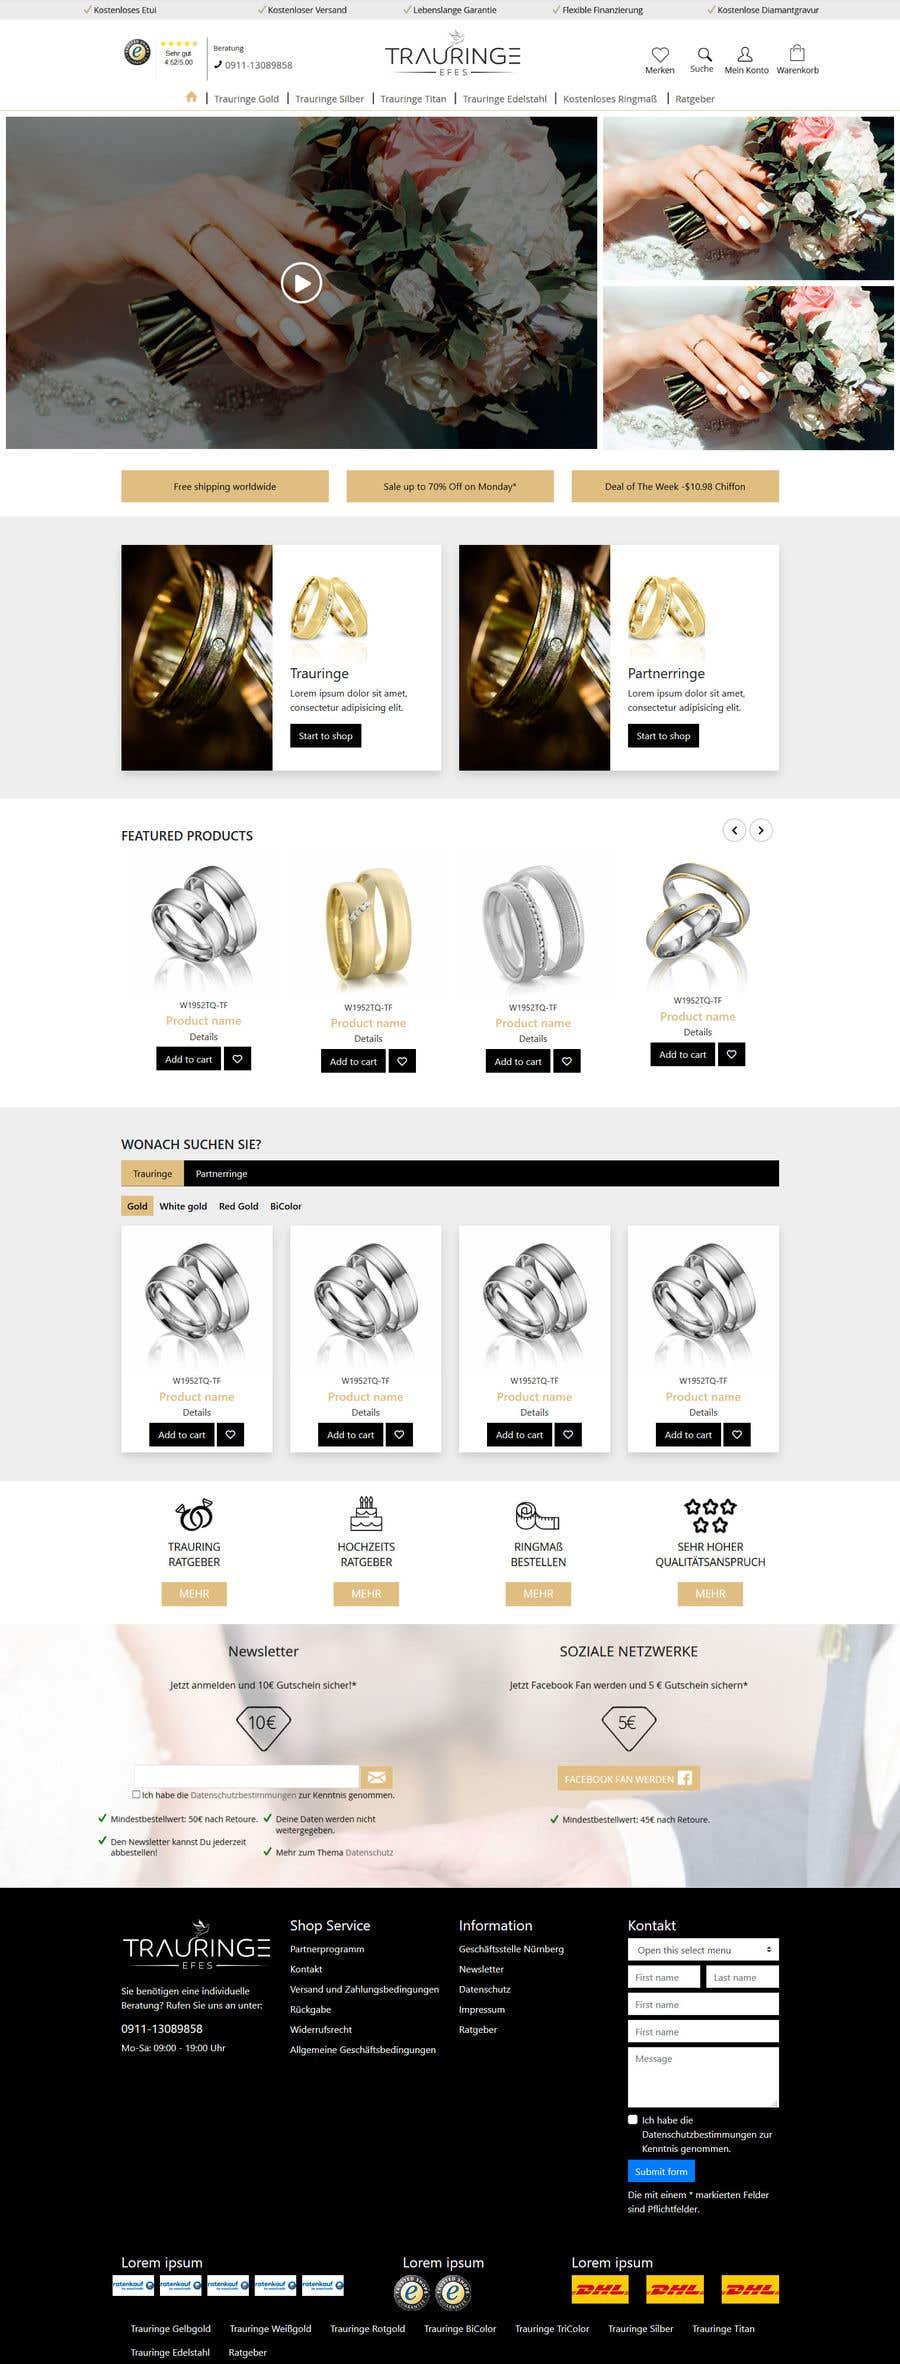 Konkurrenceindlæg #31 for Design Landingpage for Wedding Onlineshop